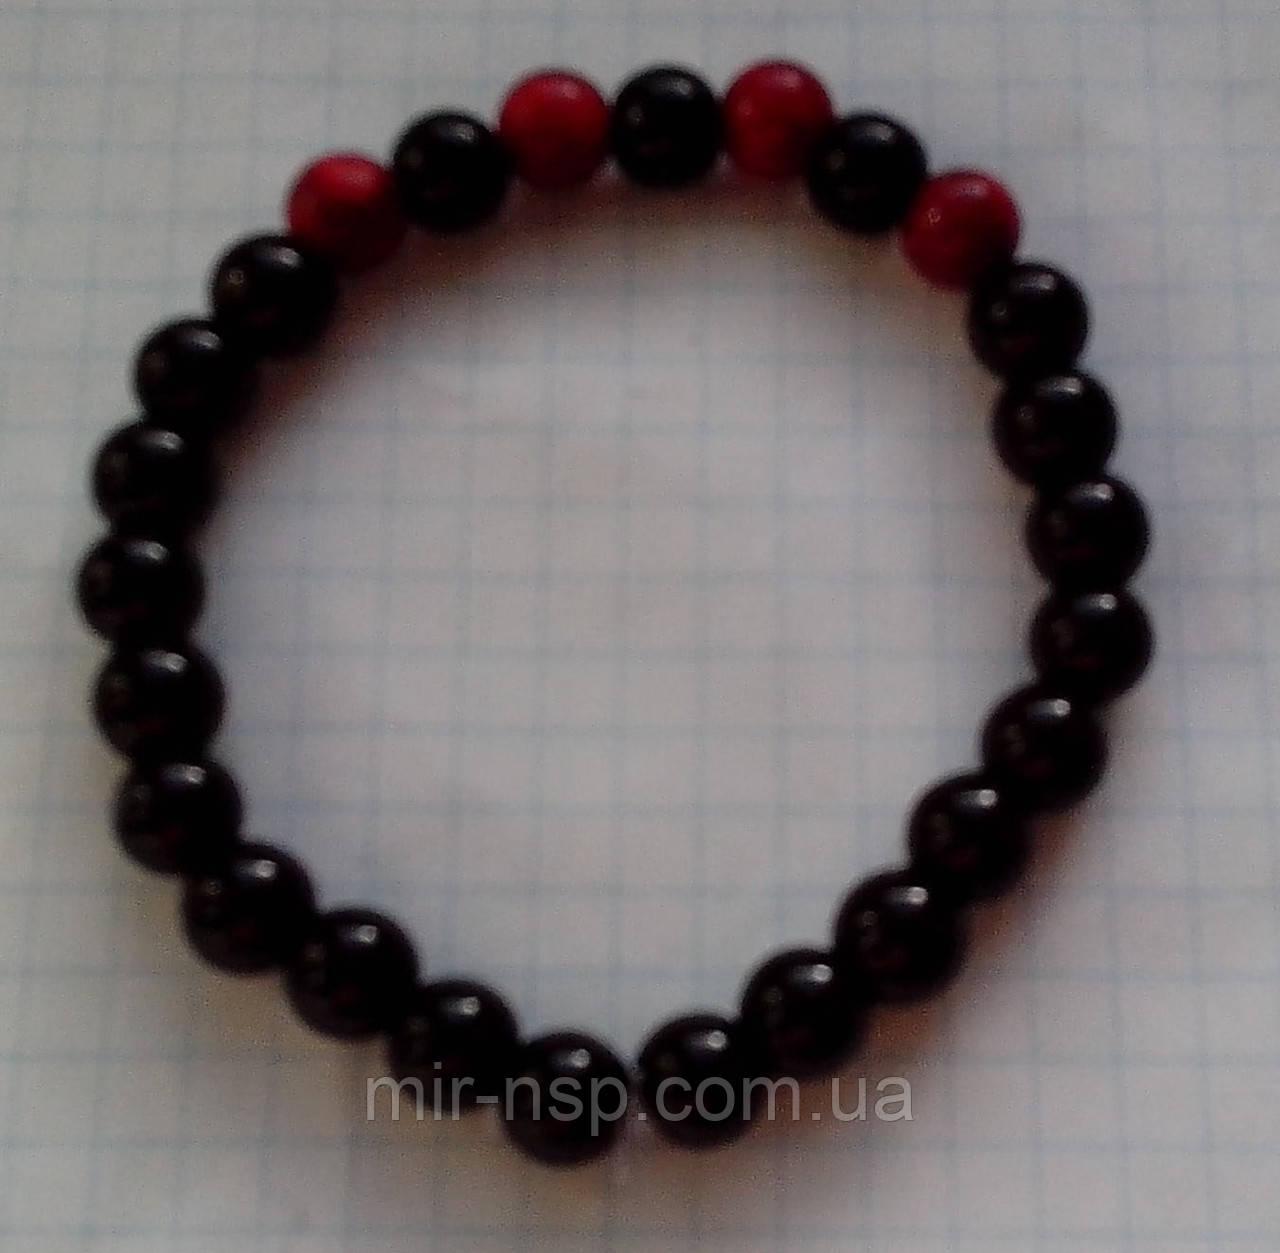 Браслет черный агат и красный коралл 8 мм